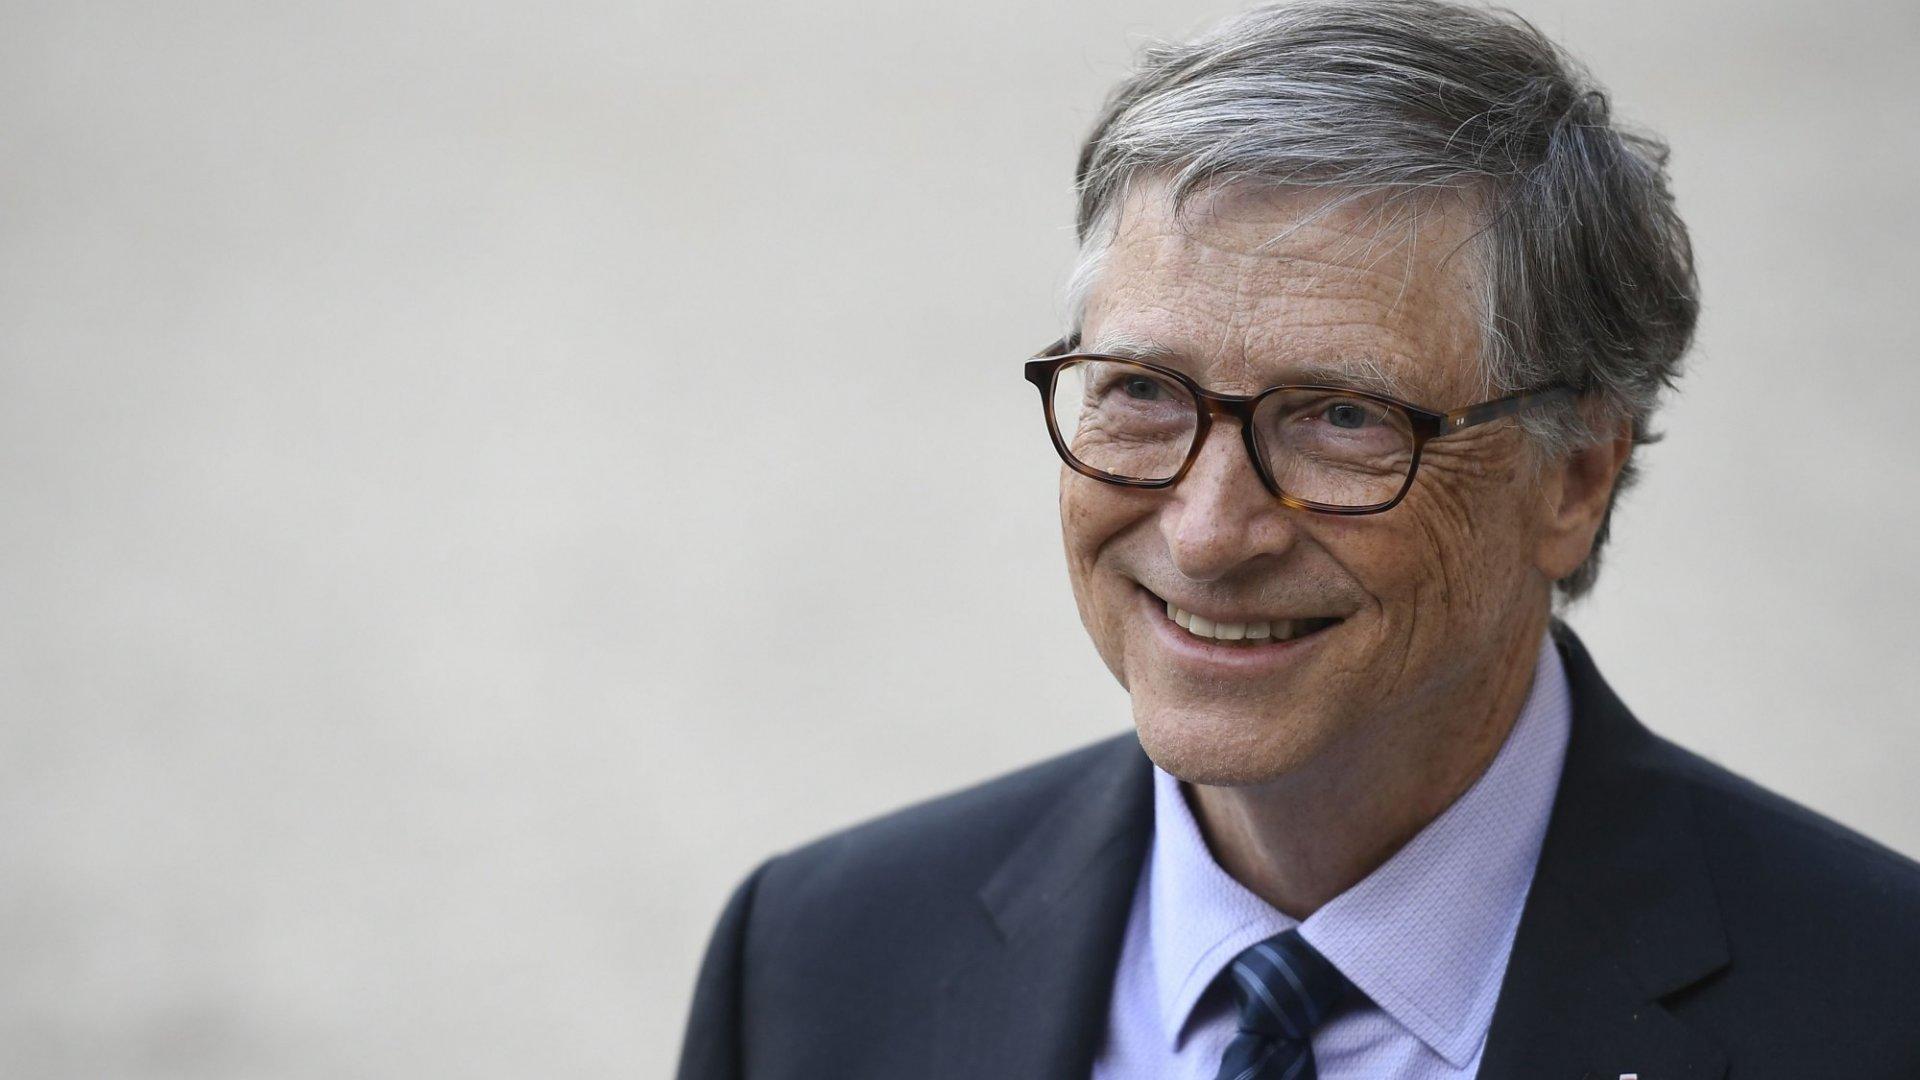 Bill Gates' New Year's Plea: Tax Me More